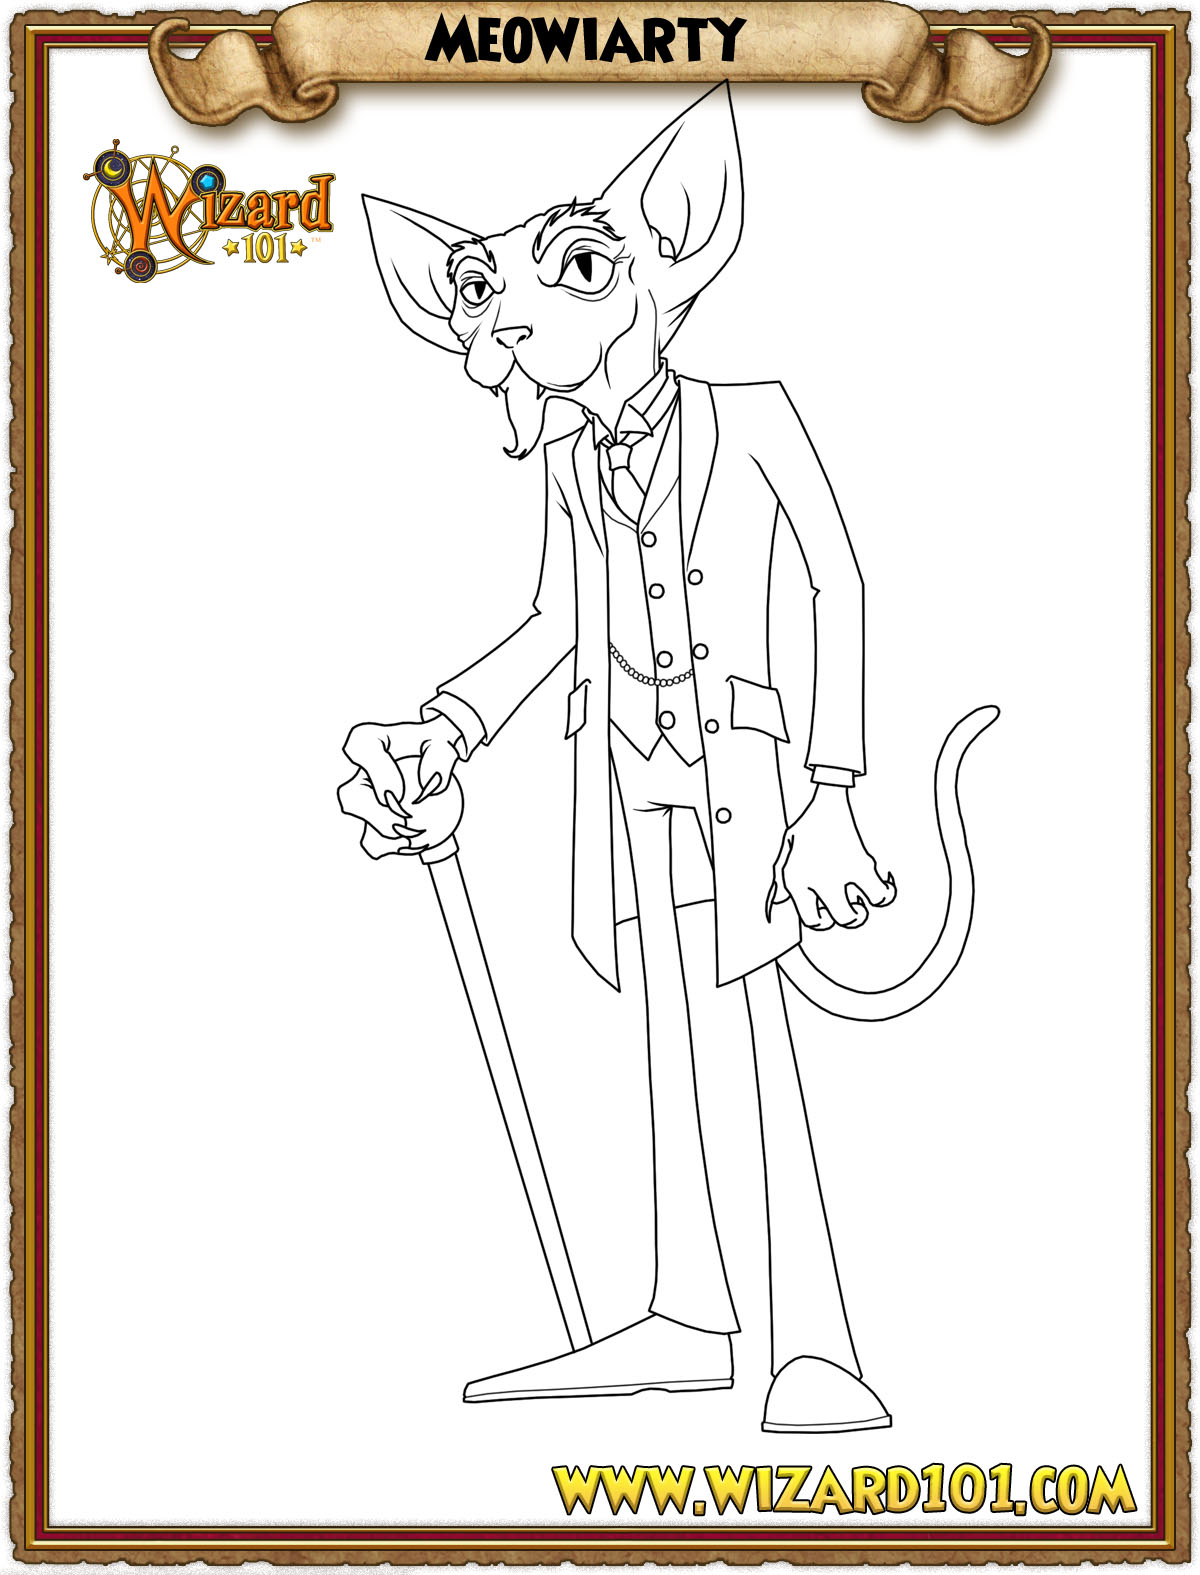 wizard101 coloring pages - wizard101 coloring pages printable wizard101 best free